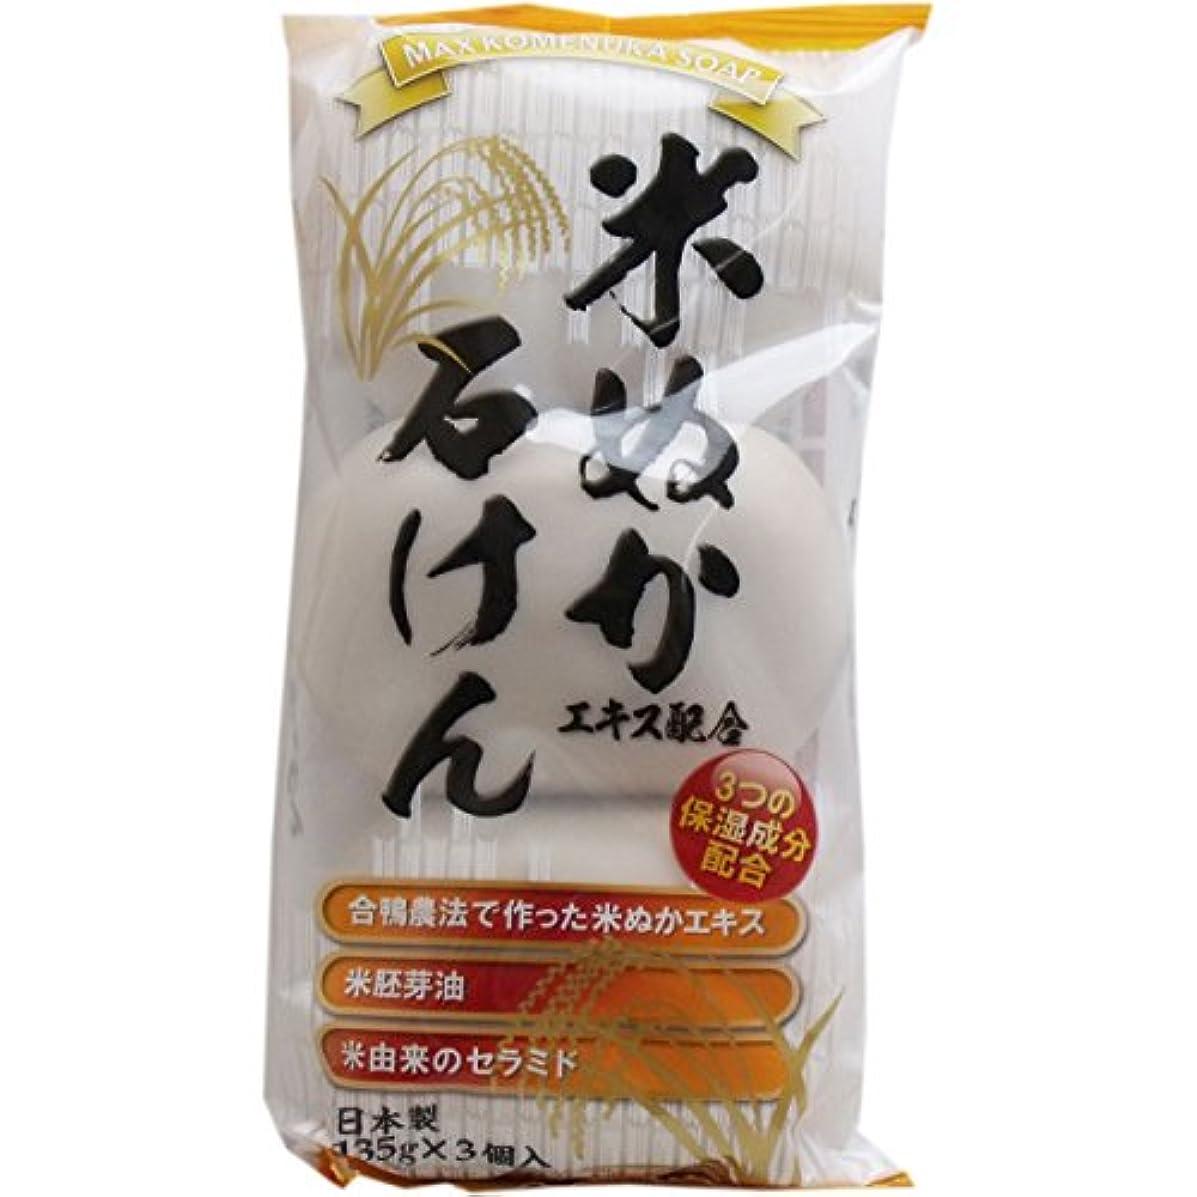 上に築きます中で中に【まとめ買い】米ぬかエキス配合石けん 3個入 ×2セット